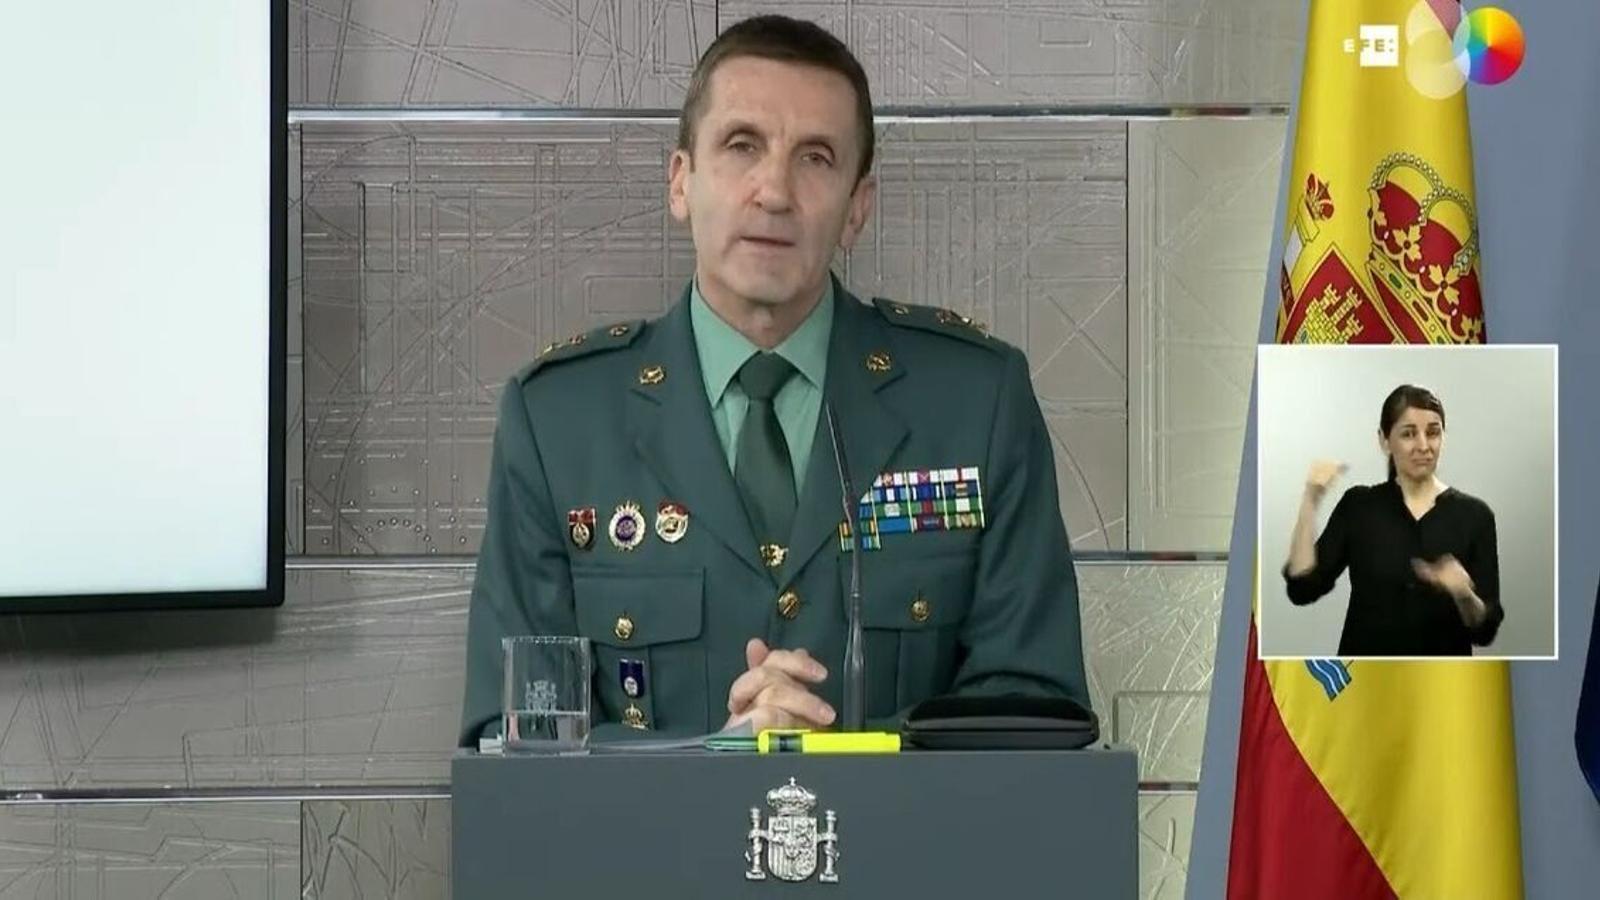 """La Guàrdia Civil va demanar per correu que es recopilin rumors que generin """"desafecció a institucions del govern"""""""